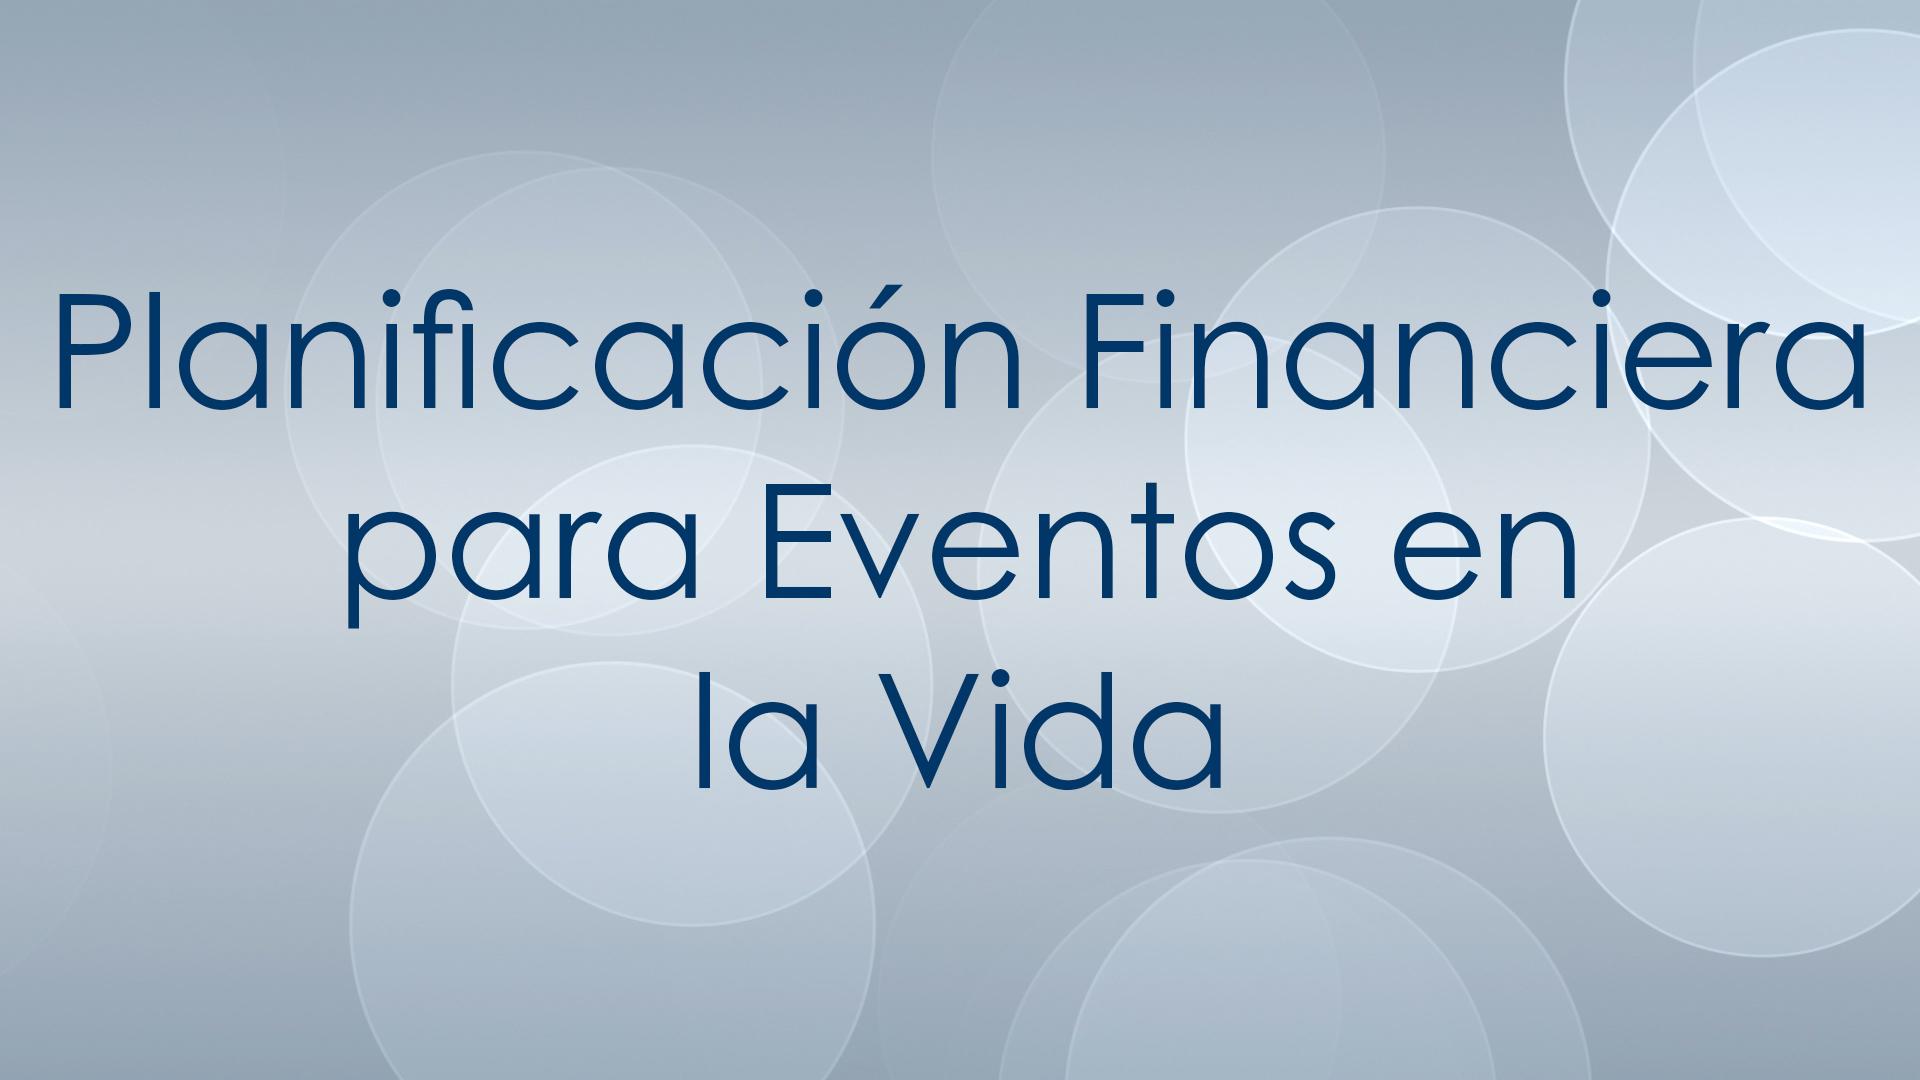 Planificación Financiera para Eventos en la Vida